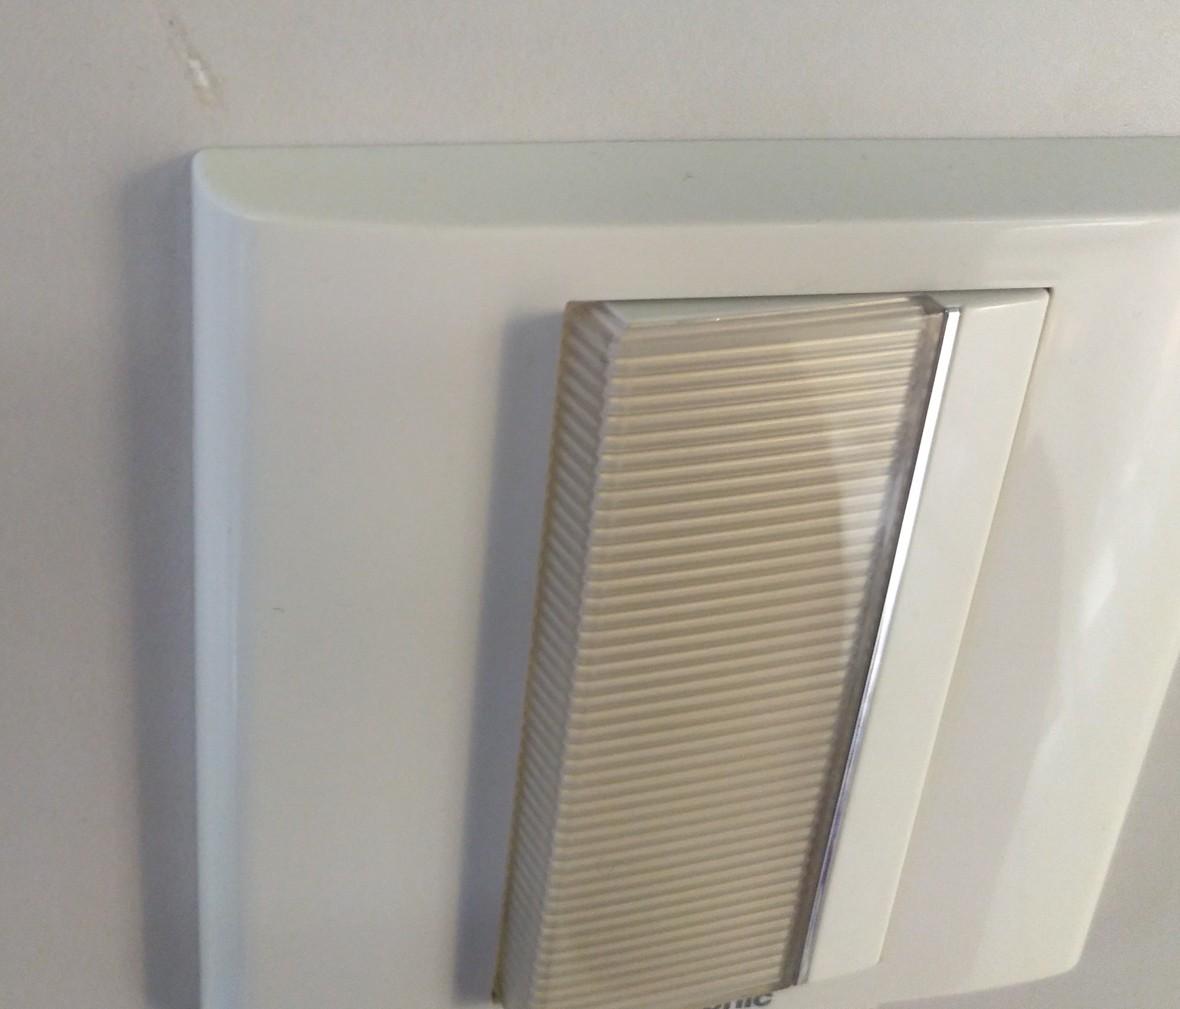 松下灯饰 亮彩系列 一开开关 耐高温 防漏电 PC材质 细节